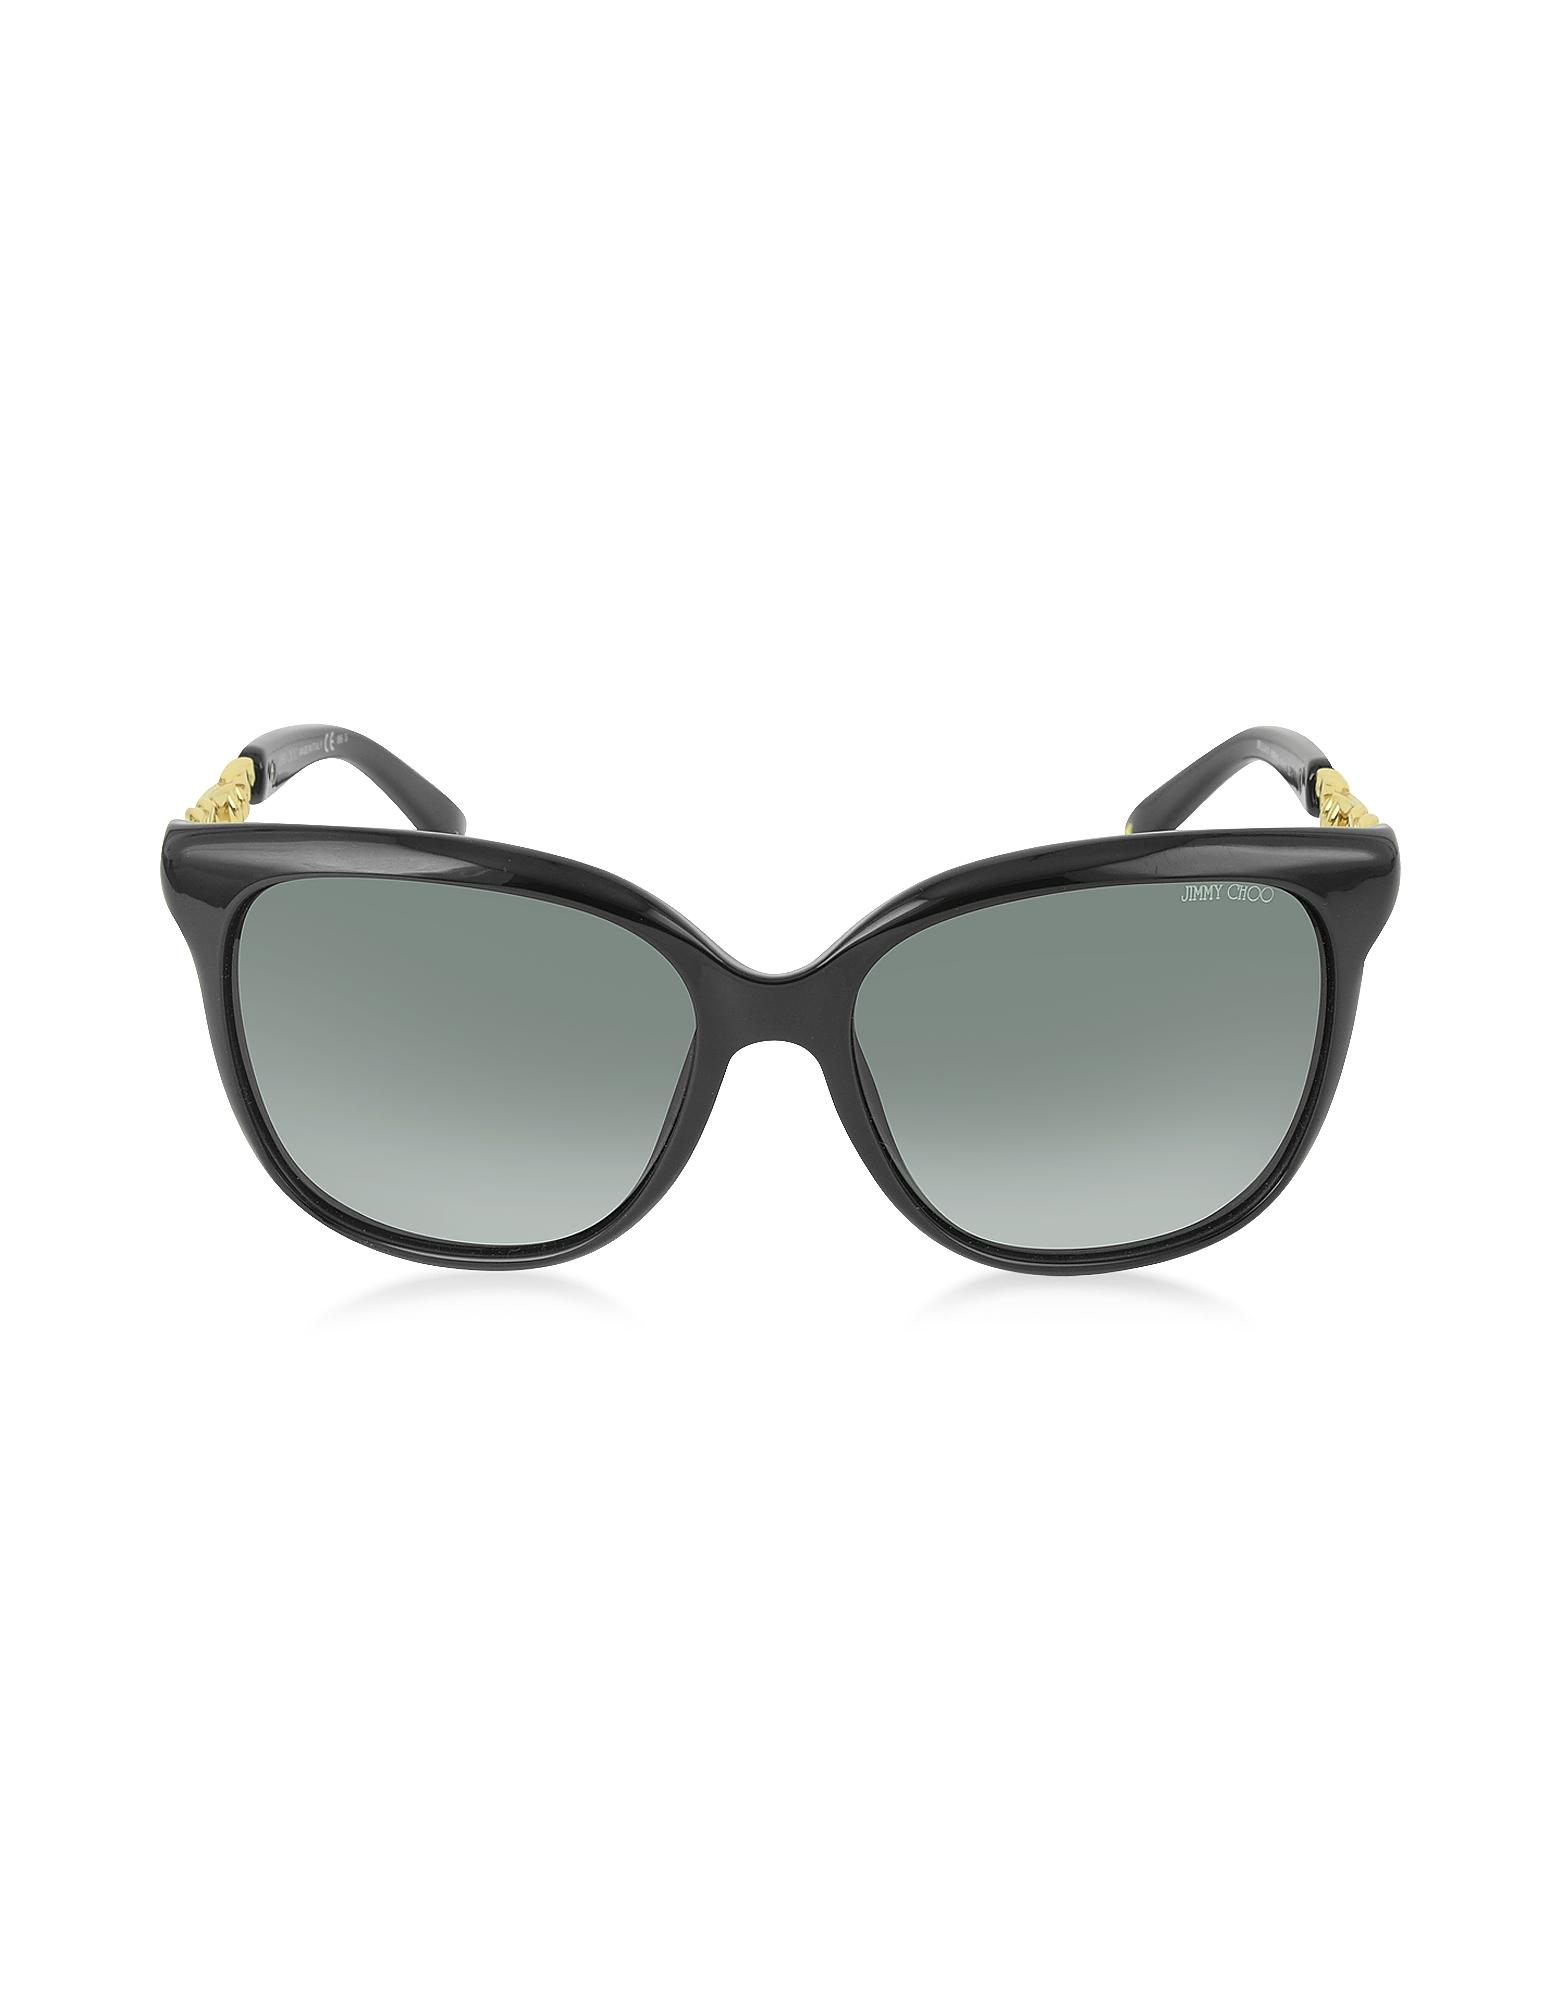 BELLA/S BMBHD Occhiali da Sole in Acetato Nero